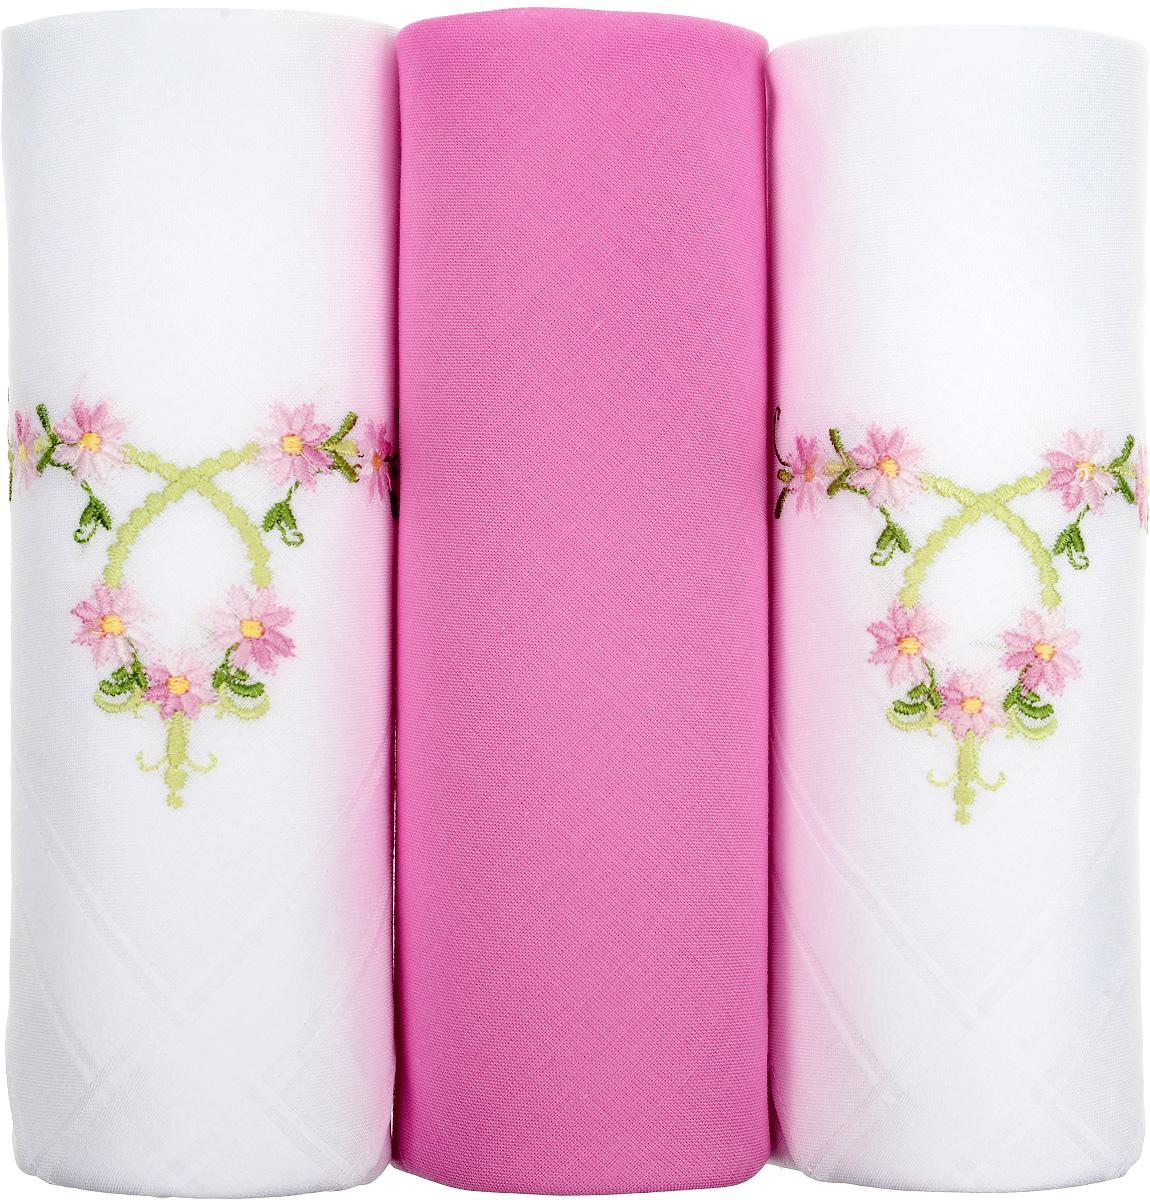 Платок носовой женский Zlata Korunka, цвет: белый, розовый, 3 шт. 25605-6. Размер 30 см х 30 см39864 Серьги с подвескамиНебольшой женский носовой платок Zlata Korunka изготовлен из высококачественного натурального хлопка, благодаря чему приятен в использовании, хорошо стирается, не садится и отлично впитывает влагу. Практичный и изящный носовой платок будет незаменим в повседневной жизни любого современного человека. Такой платок послужит стильным аксессуаром и подчеркнет ваше превосходное чувство вкуса.В комплекте 3 платка.